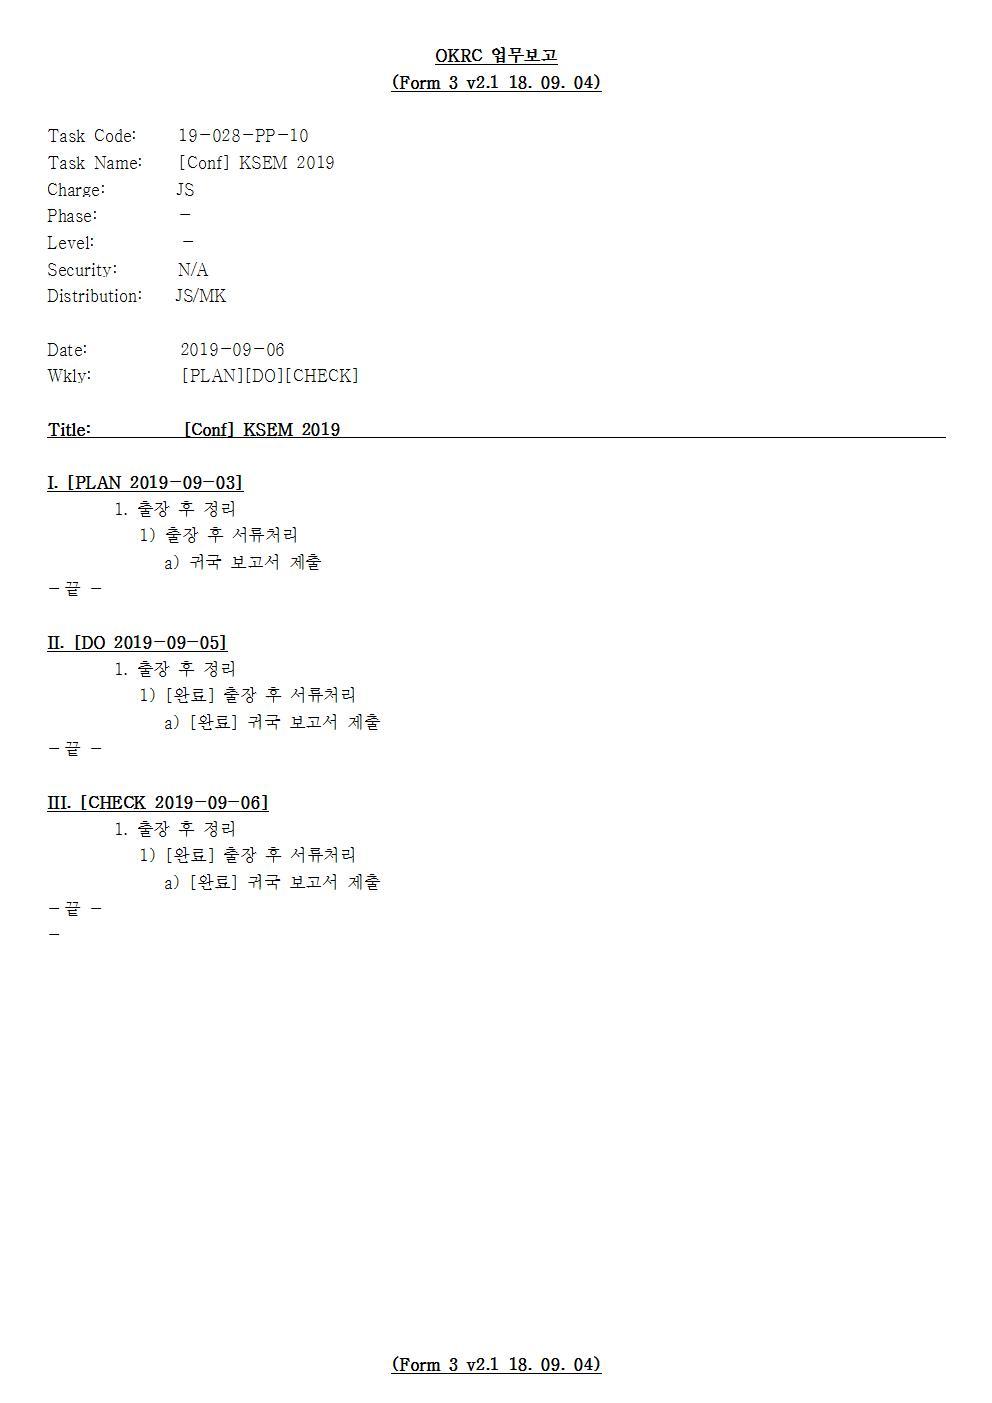 D-[19-028-PP-10]-[[Conf] KSEM 2019]-[2019-09-06][JS]-[19-9-1]-[P+D+C]001.jpg